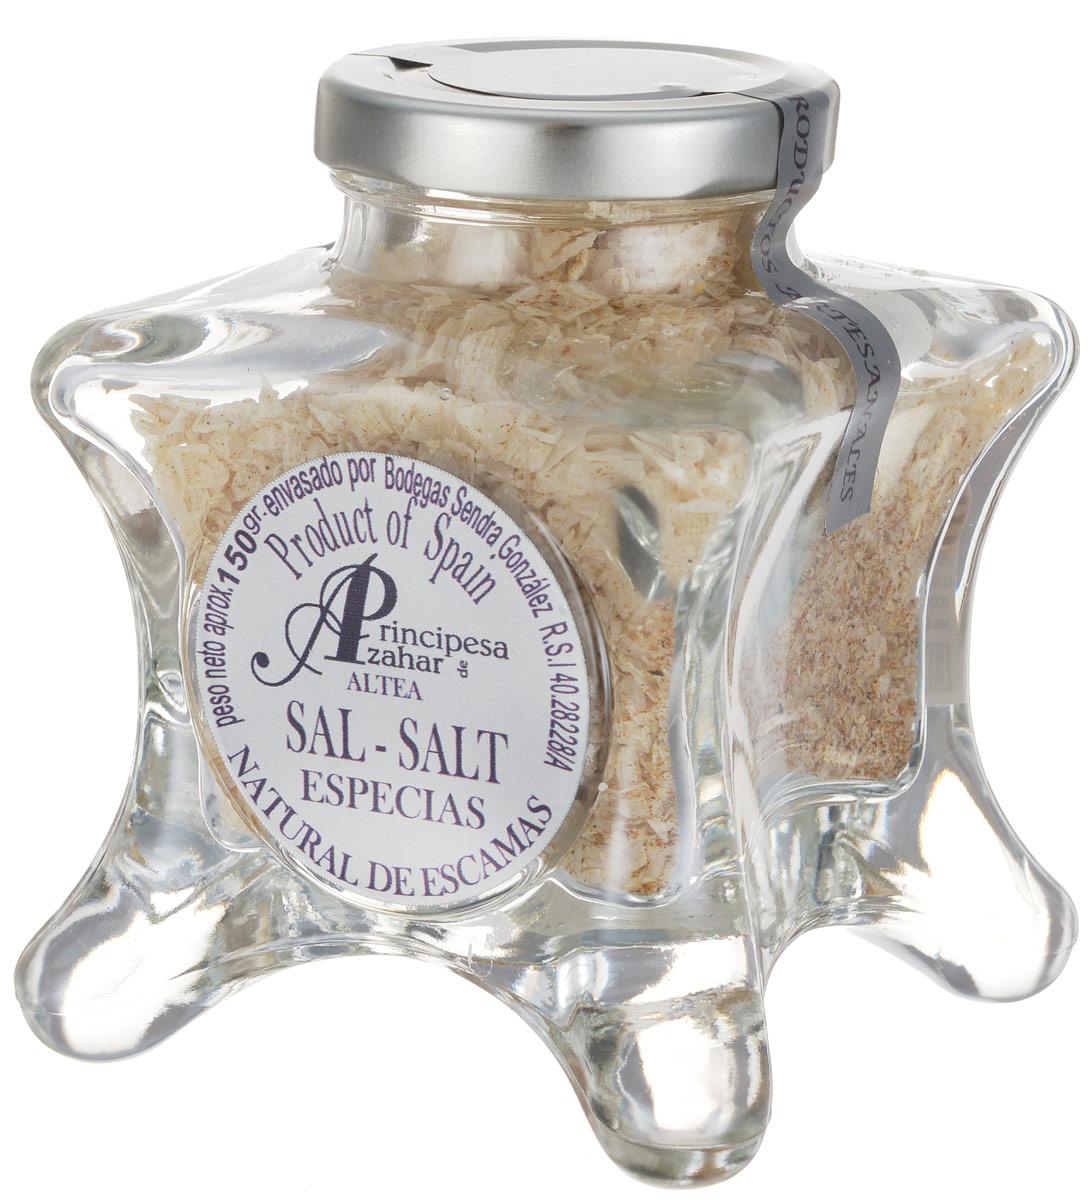 Principe de Azahar морская пищевая соль с пряными травами, 150 г0120710Пищевая натуральная морская соль с пряными травами Principe de Azahar от фермера Sendra Gonzalez - это продукт для гурманов, а также любителей кулинарии с воображением. Морская соль полезнее обычной поваренной, так как содержит высокую концентрацию магния и других полезных веществ. Размер кристаллов составляет 4-12 мм.